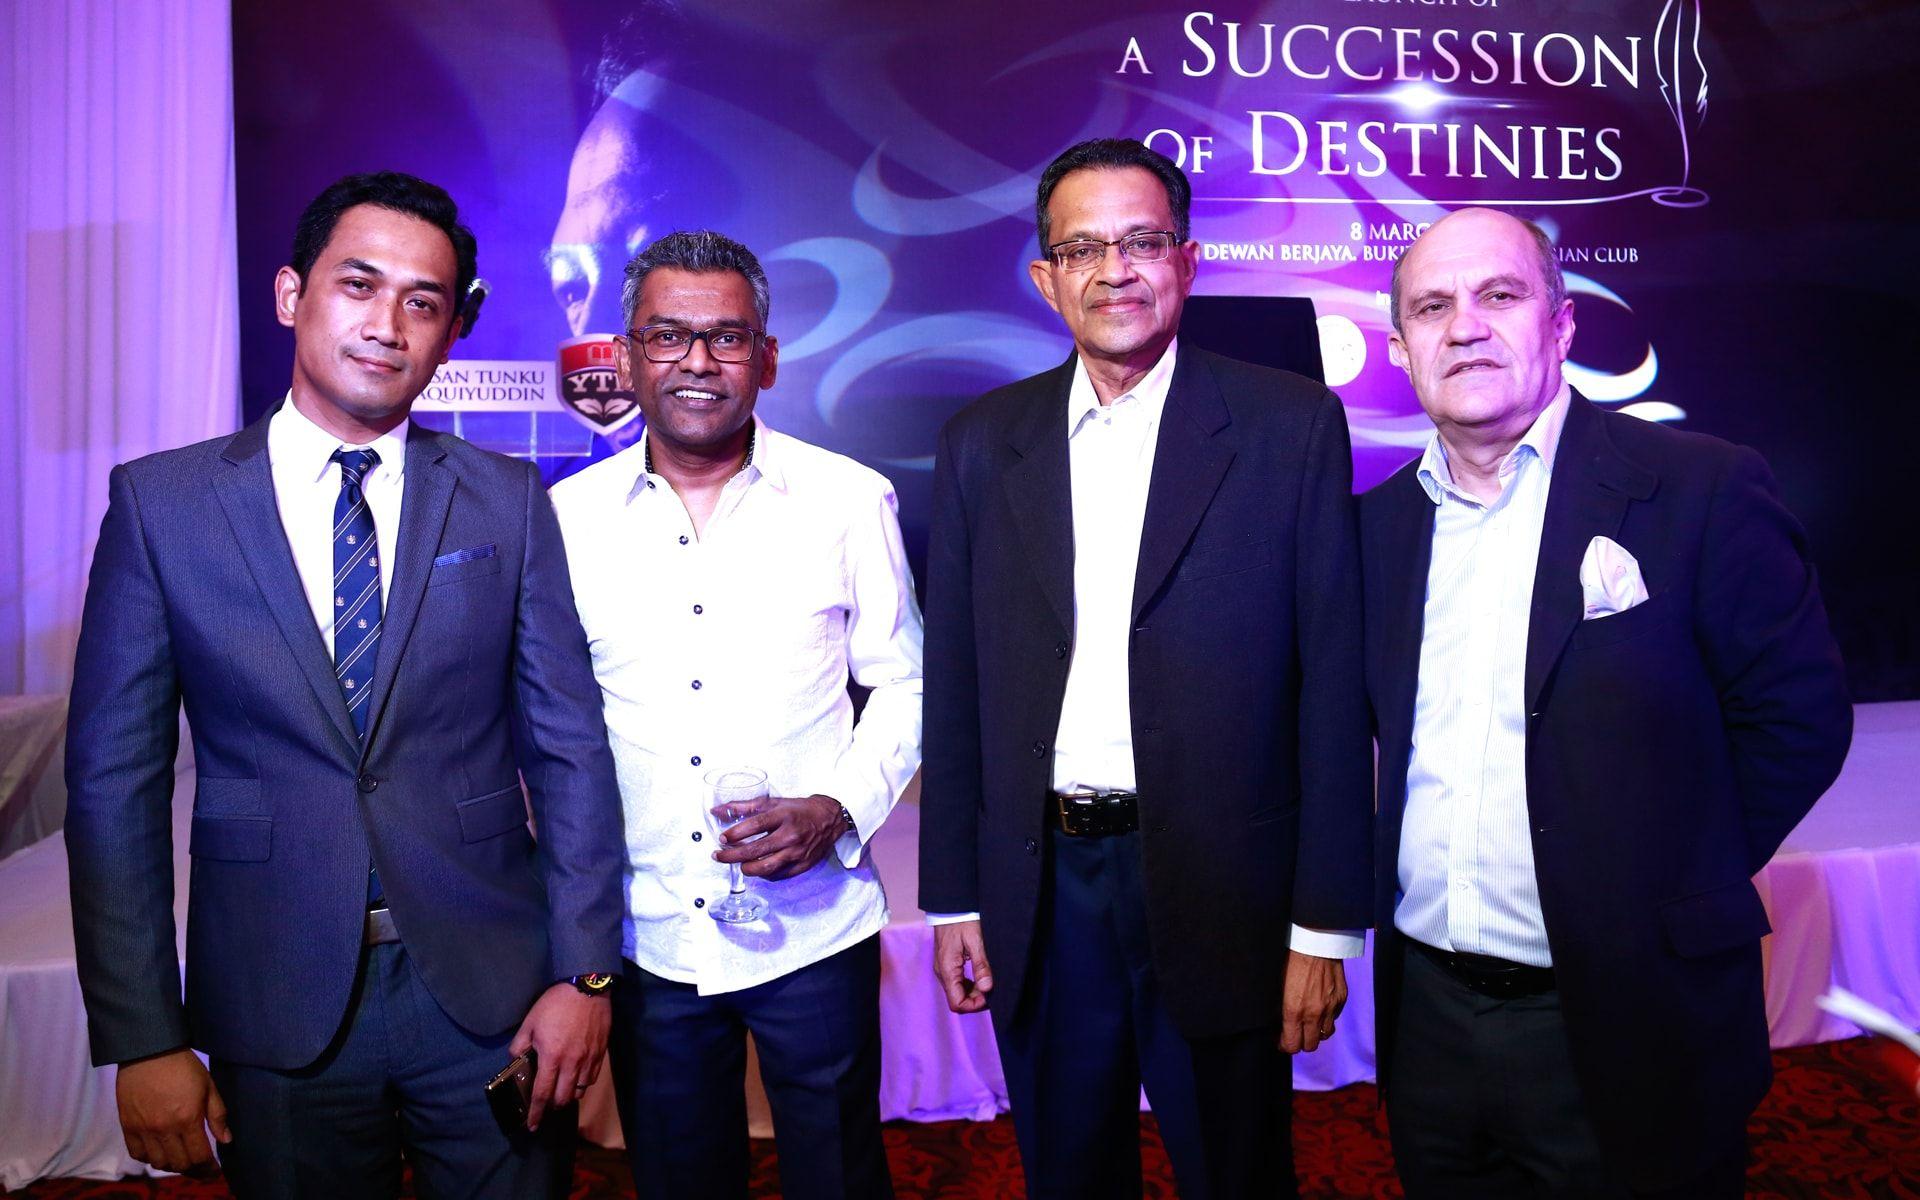 Rahman Rahim, Marcus Francis, Neil Ranaweera and Rainer Buchmann